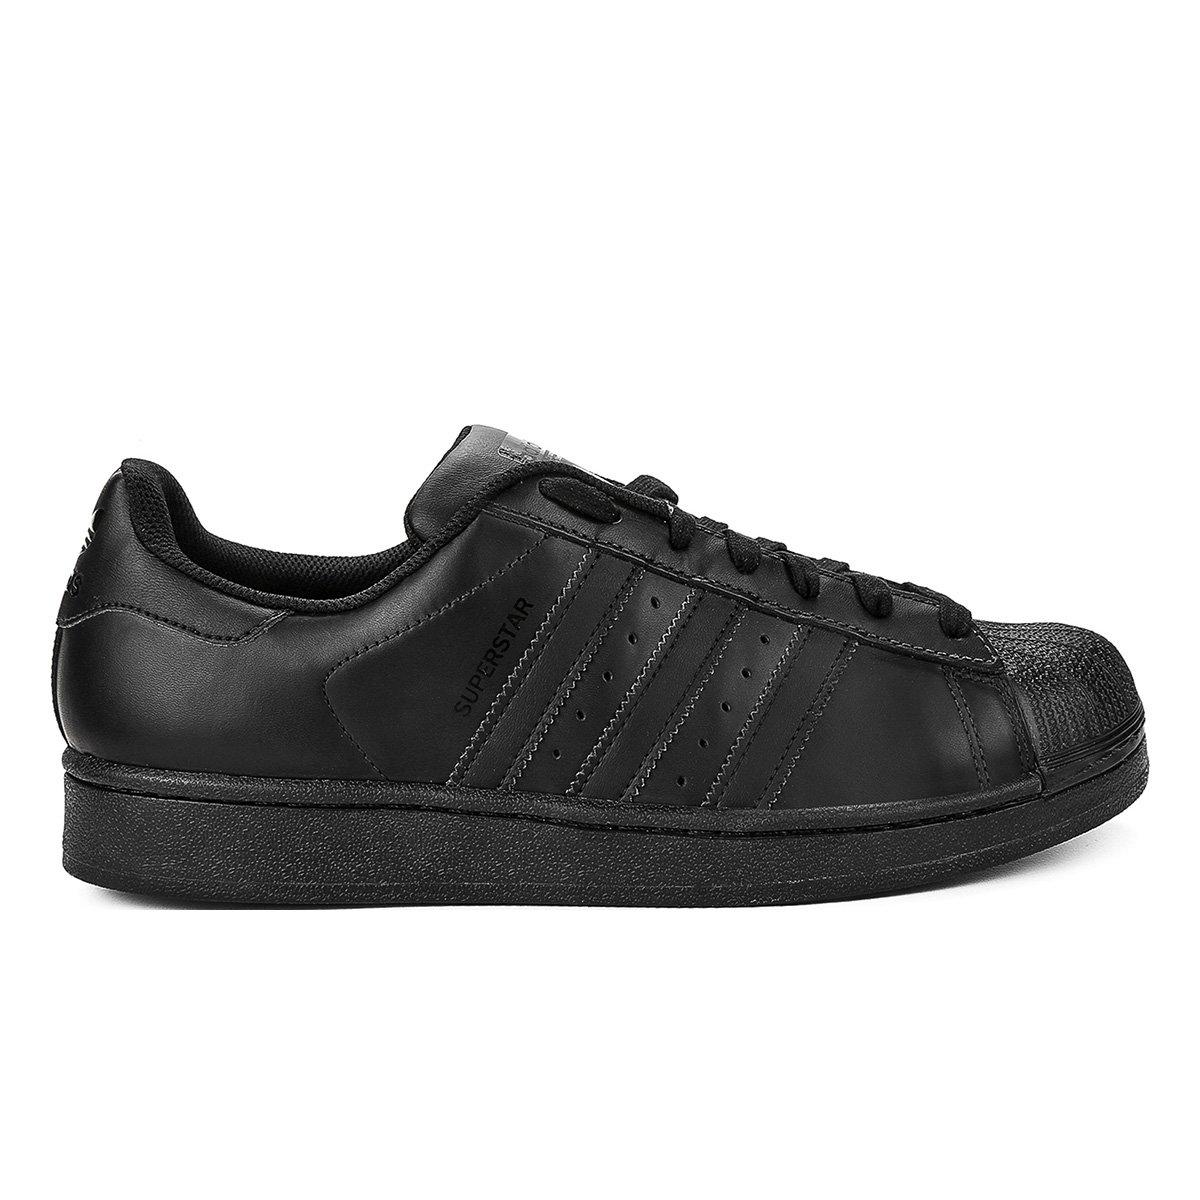 bdffdcd3da1 Tênis Adidas Superstar Foundation - Compre Agora